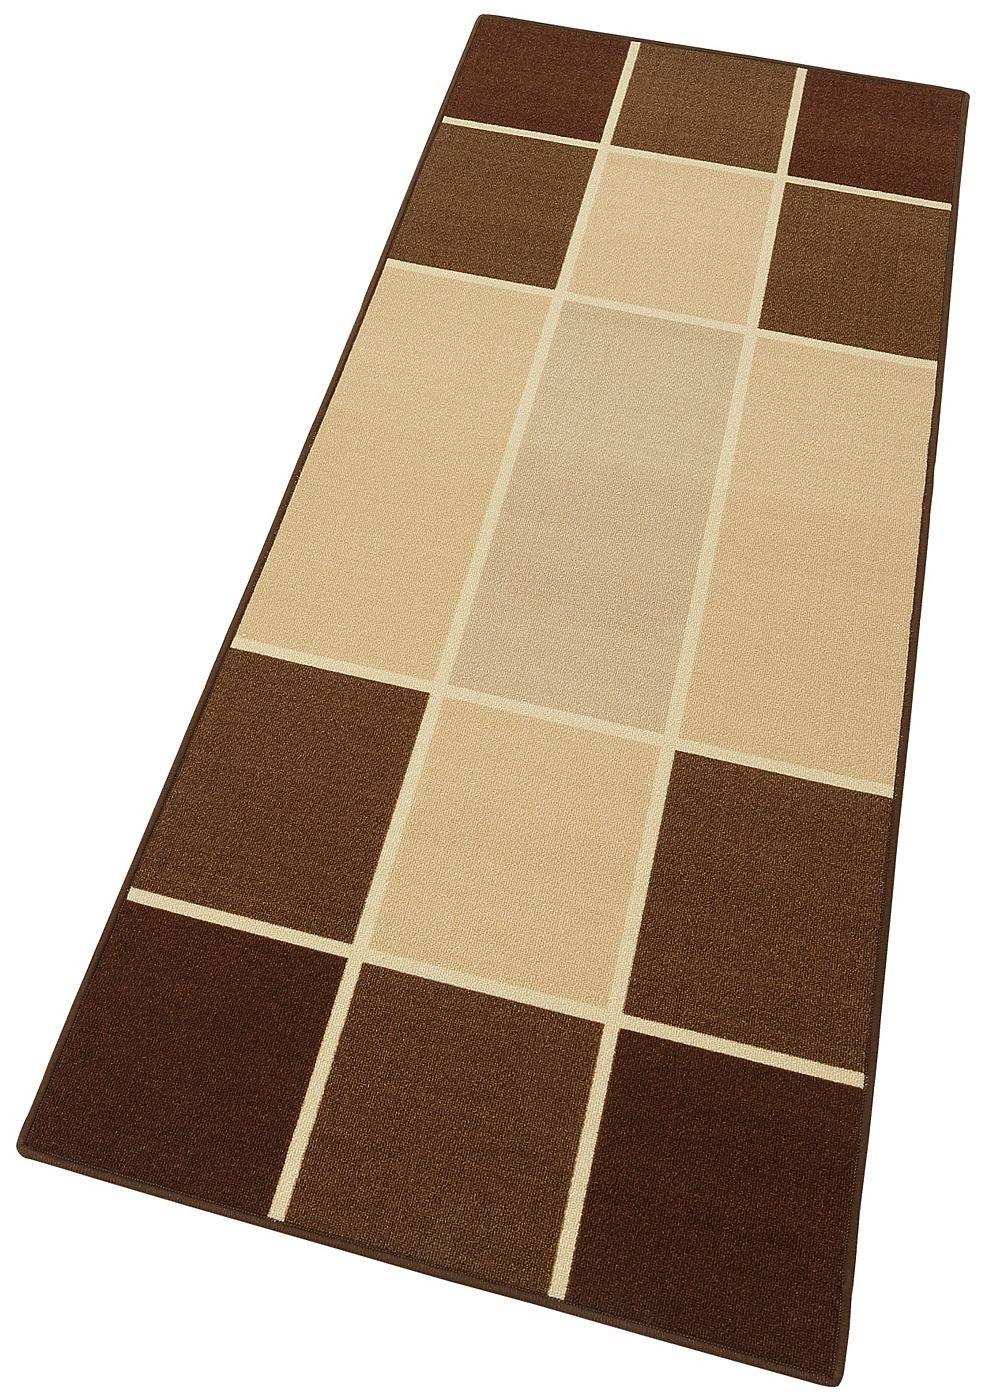 Läufer »Cedrik«. Klare Optik mit dem großflächigen Karomuster vermittelt zugleich angenehme Ruhe und Lebendigkeit. Die Farben sind harmonisch aufeinander abgestimmt. Fein herausgearbeitete Konturen runden das Design ansprechend ab. Maschinel getuftet, sehr strapazierfähig, aus 100% Polyester. Schadstoffgeprüft. Gesamthöhe ca. 6mm. Gesamtgewicht ca. 1,4kg/m².   Details:  Karo-Läufer,  Qualität: ...